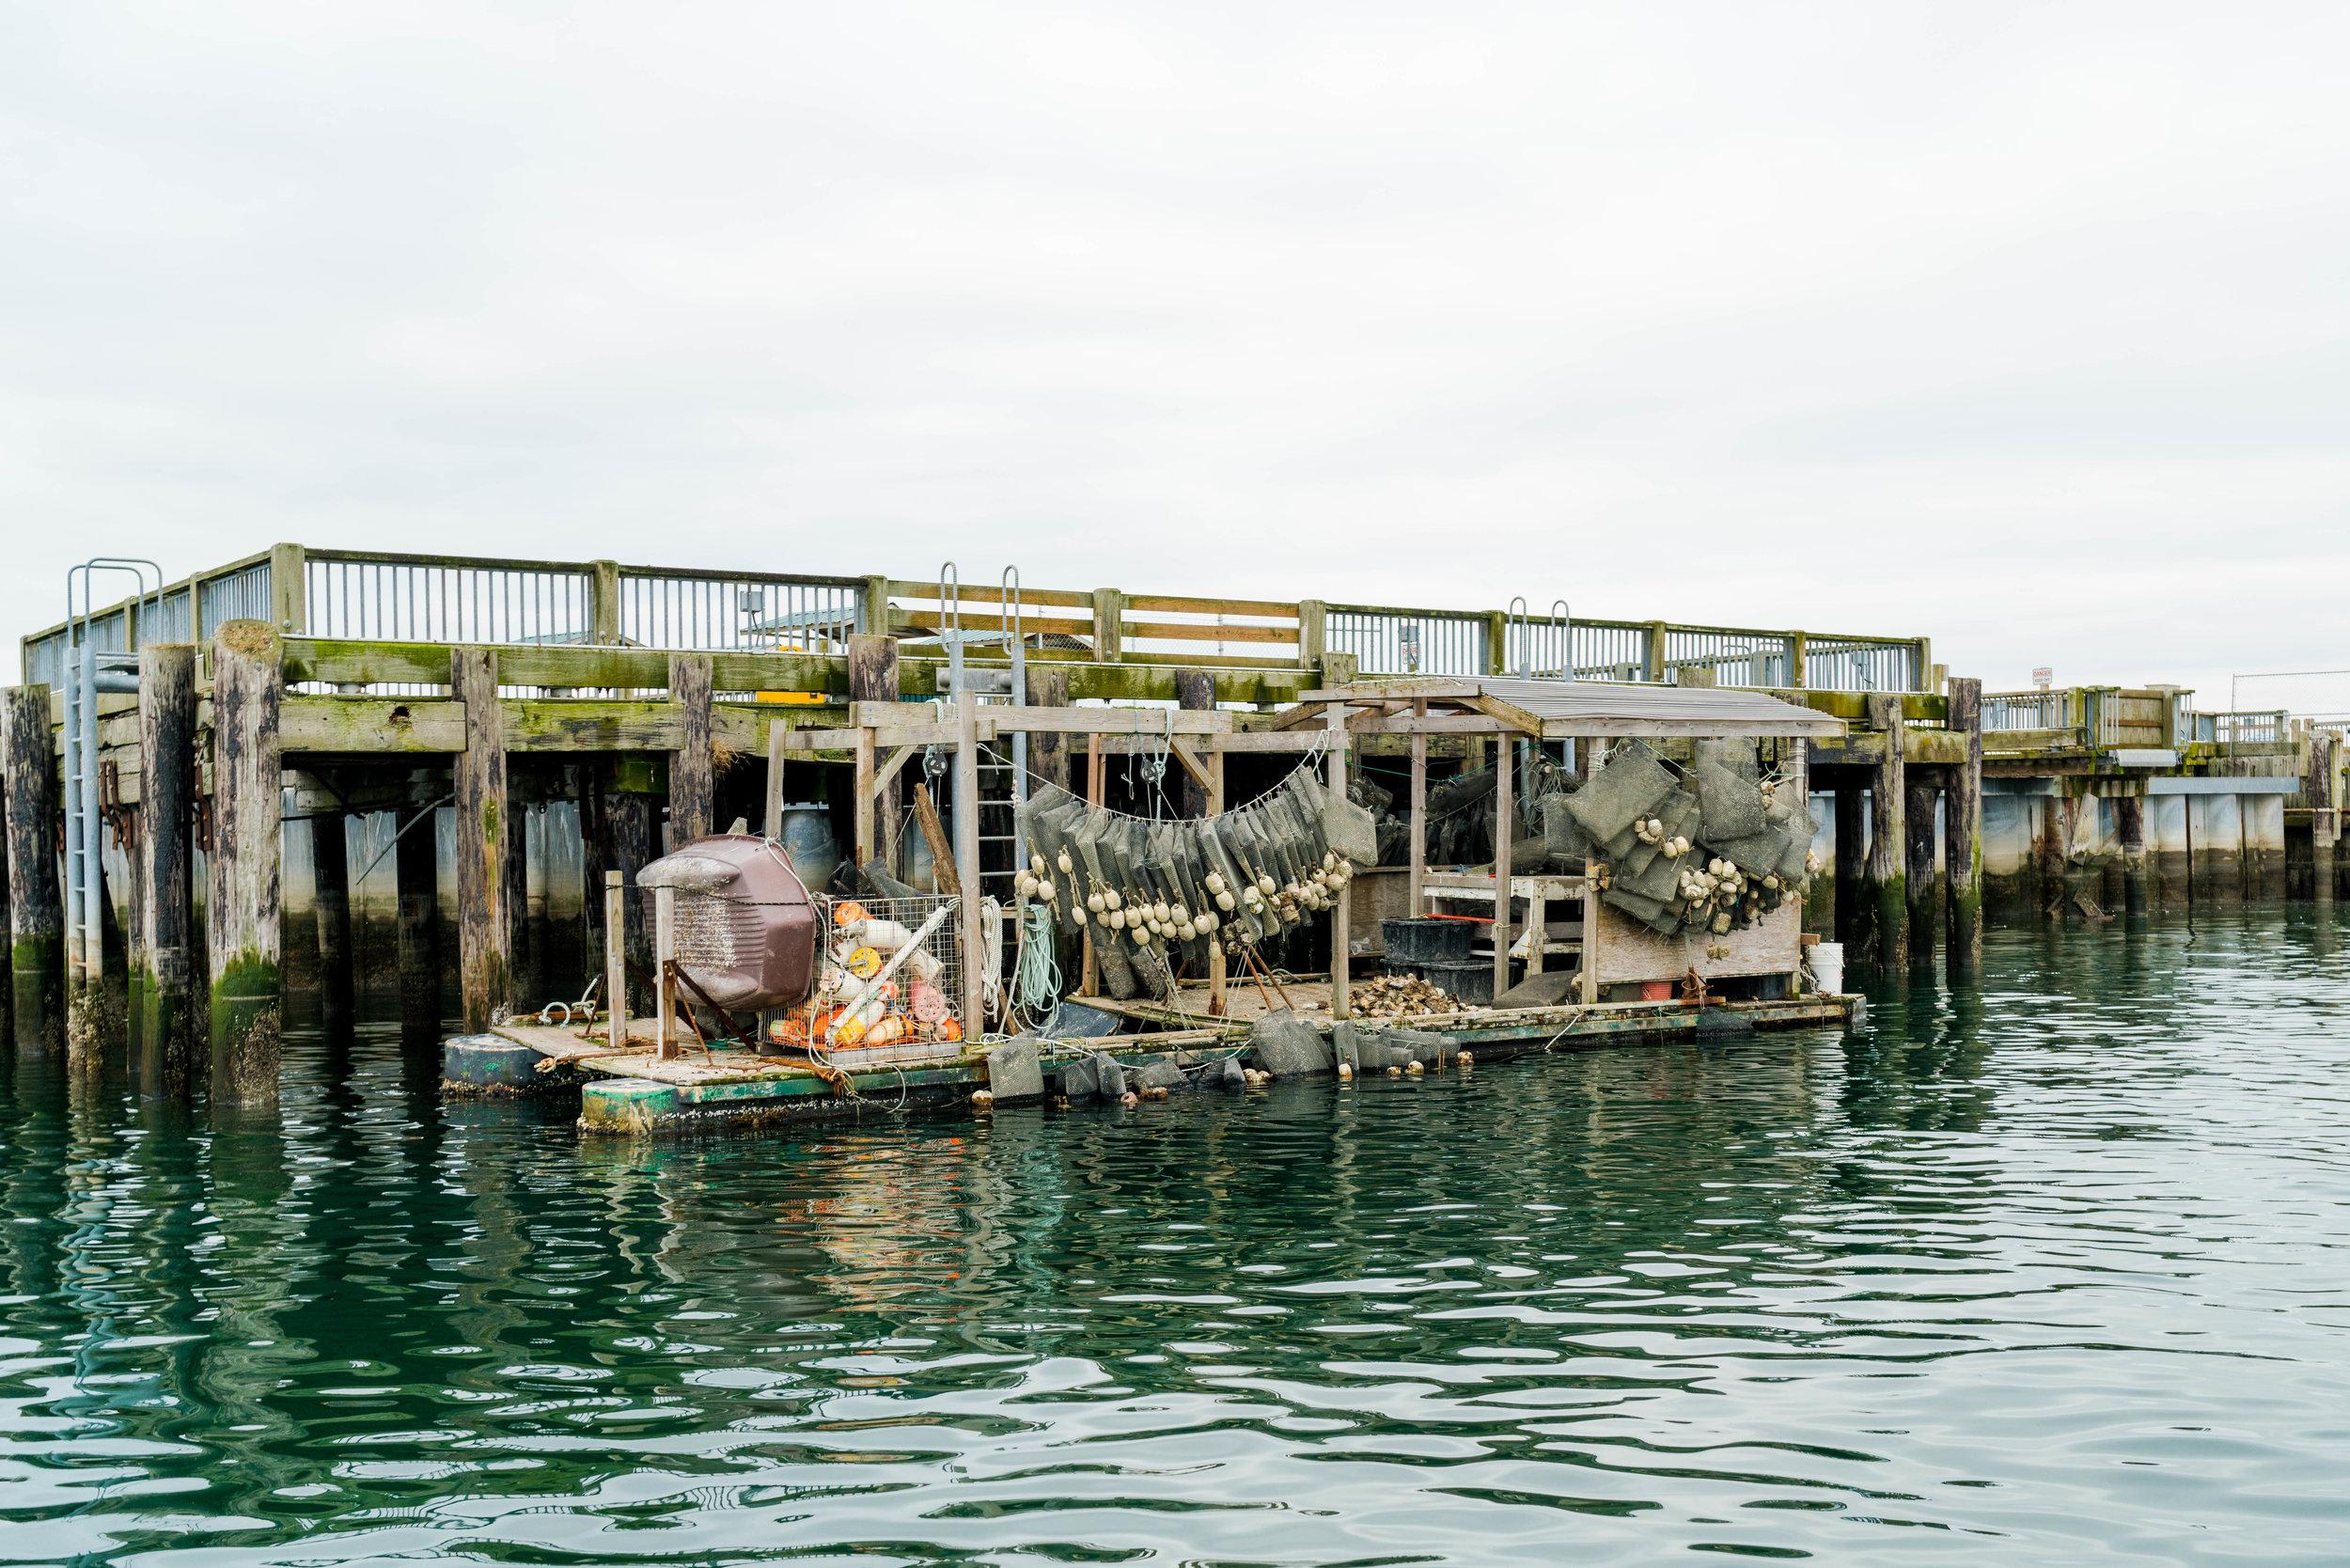 dho boat- 2019 - dylansantosgreen-16.jpg